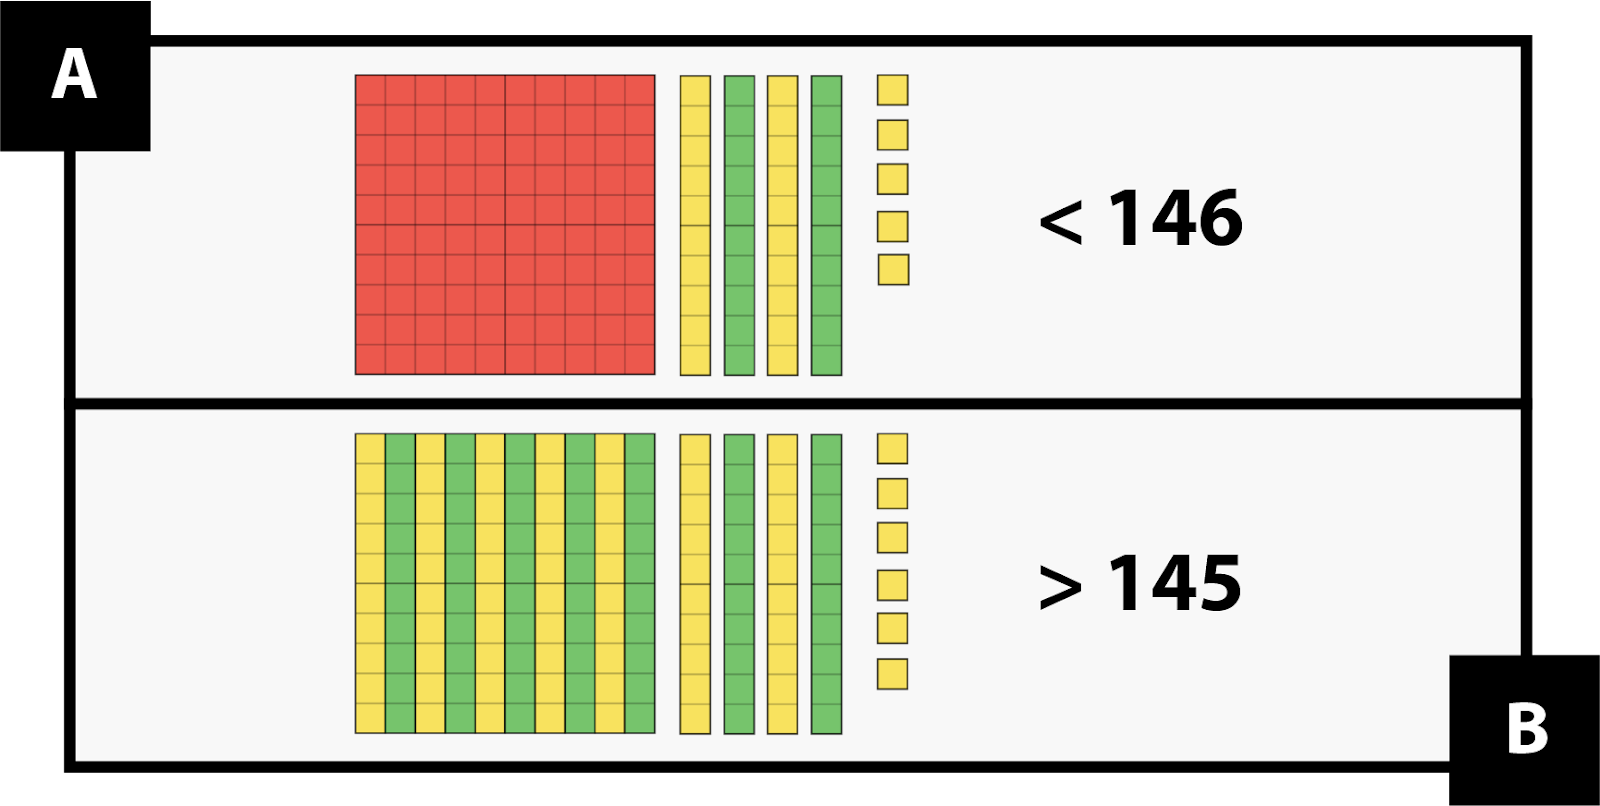 A: muestra que 1 cuadrícula, 4 tiras de diez y 5 unidades (en piezas de base diez) es menor que 146. B: muestra que 14 tiras de diez y 6 unidades (en piezas de base diez) es mayor que 145.